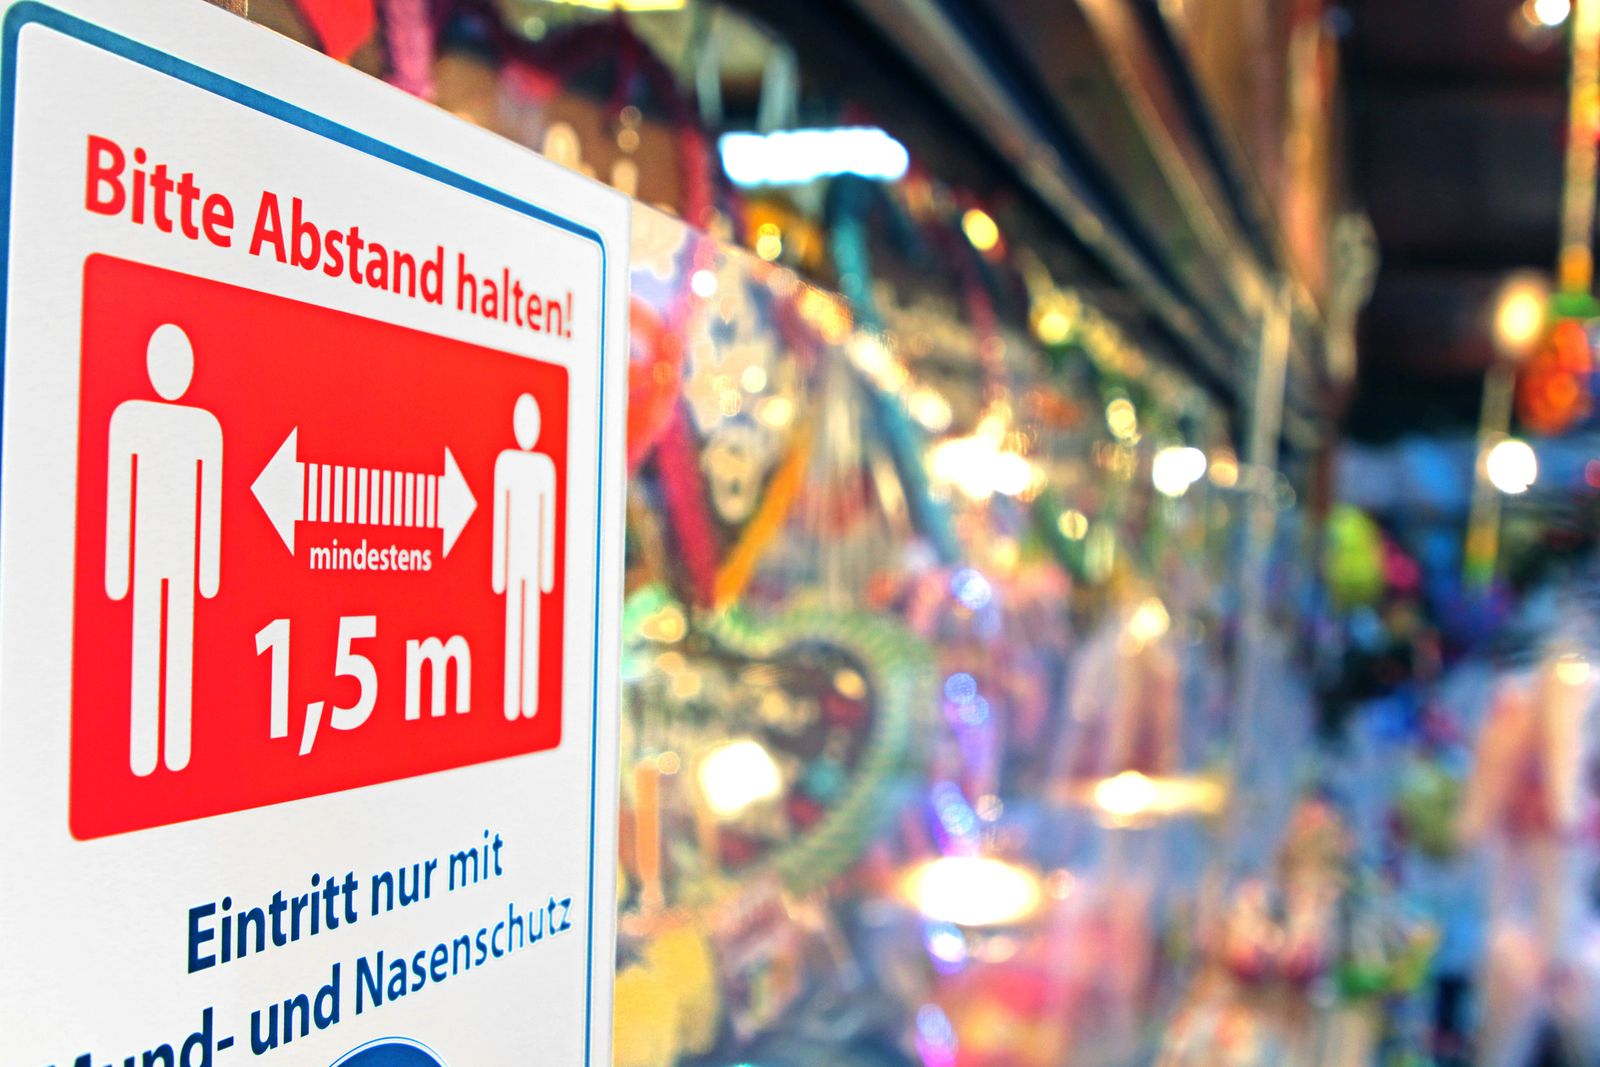 Weihnachtsmärkte in Krisenzeiten Ein Stand auf einem ausgedünnten Weihnachtsmarkt mit strengen Hygienevorschriften Esse